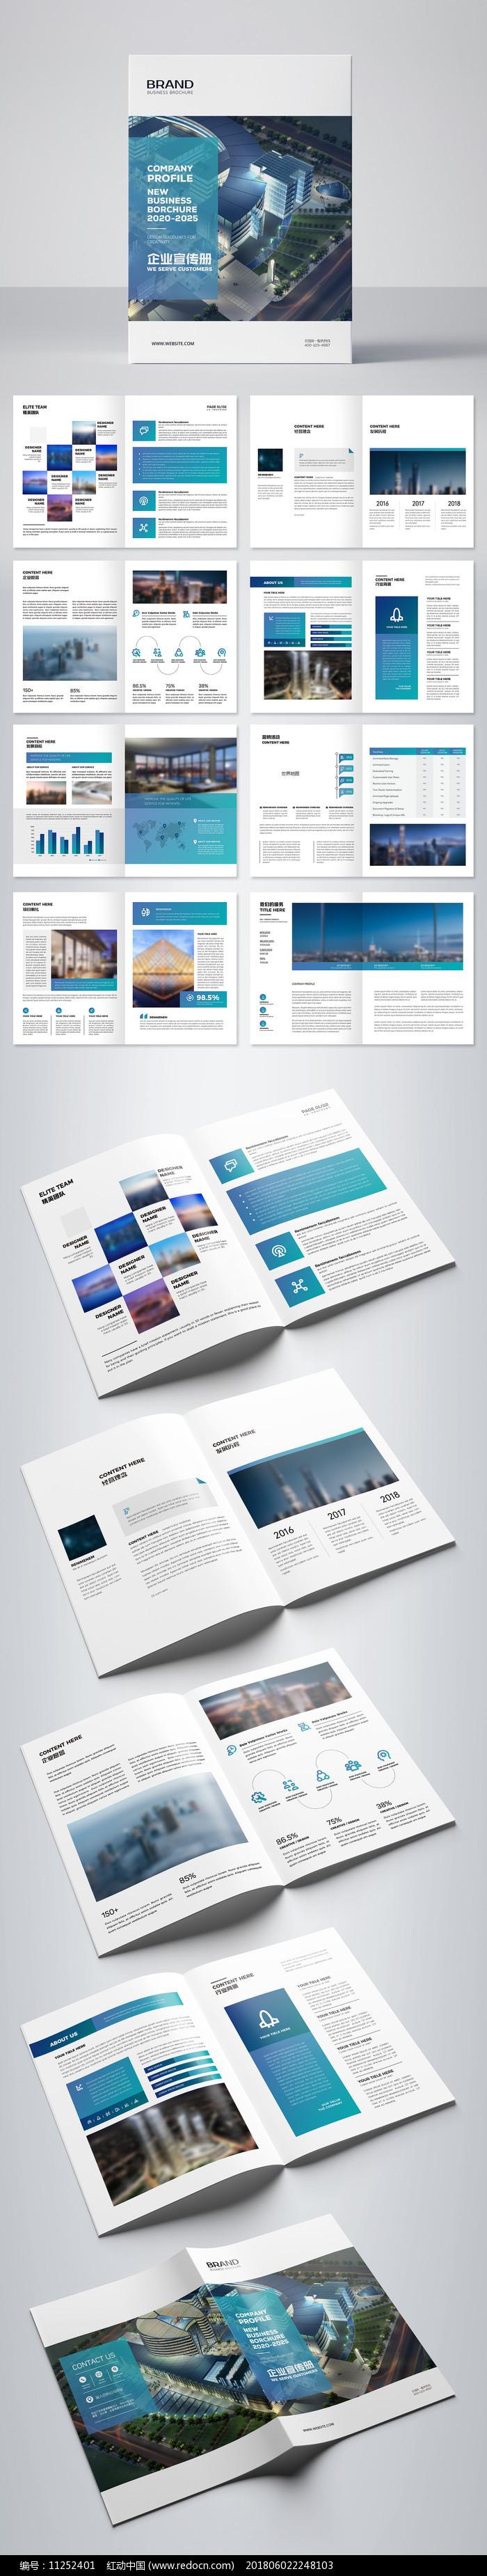 蓝色画册企业公司产品宣传册模板图片